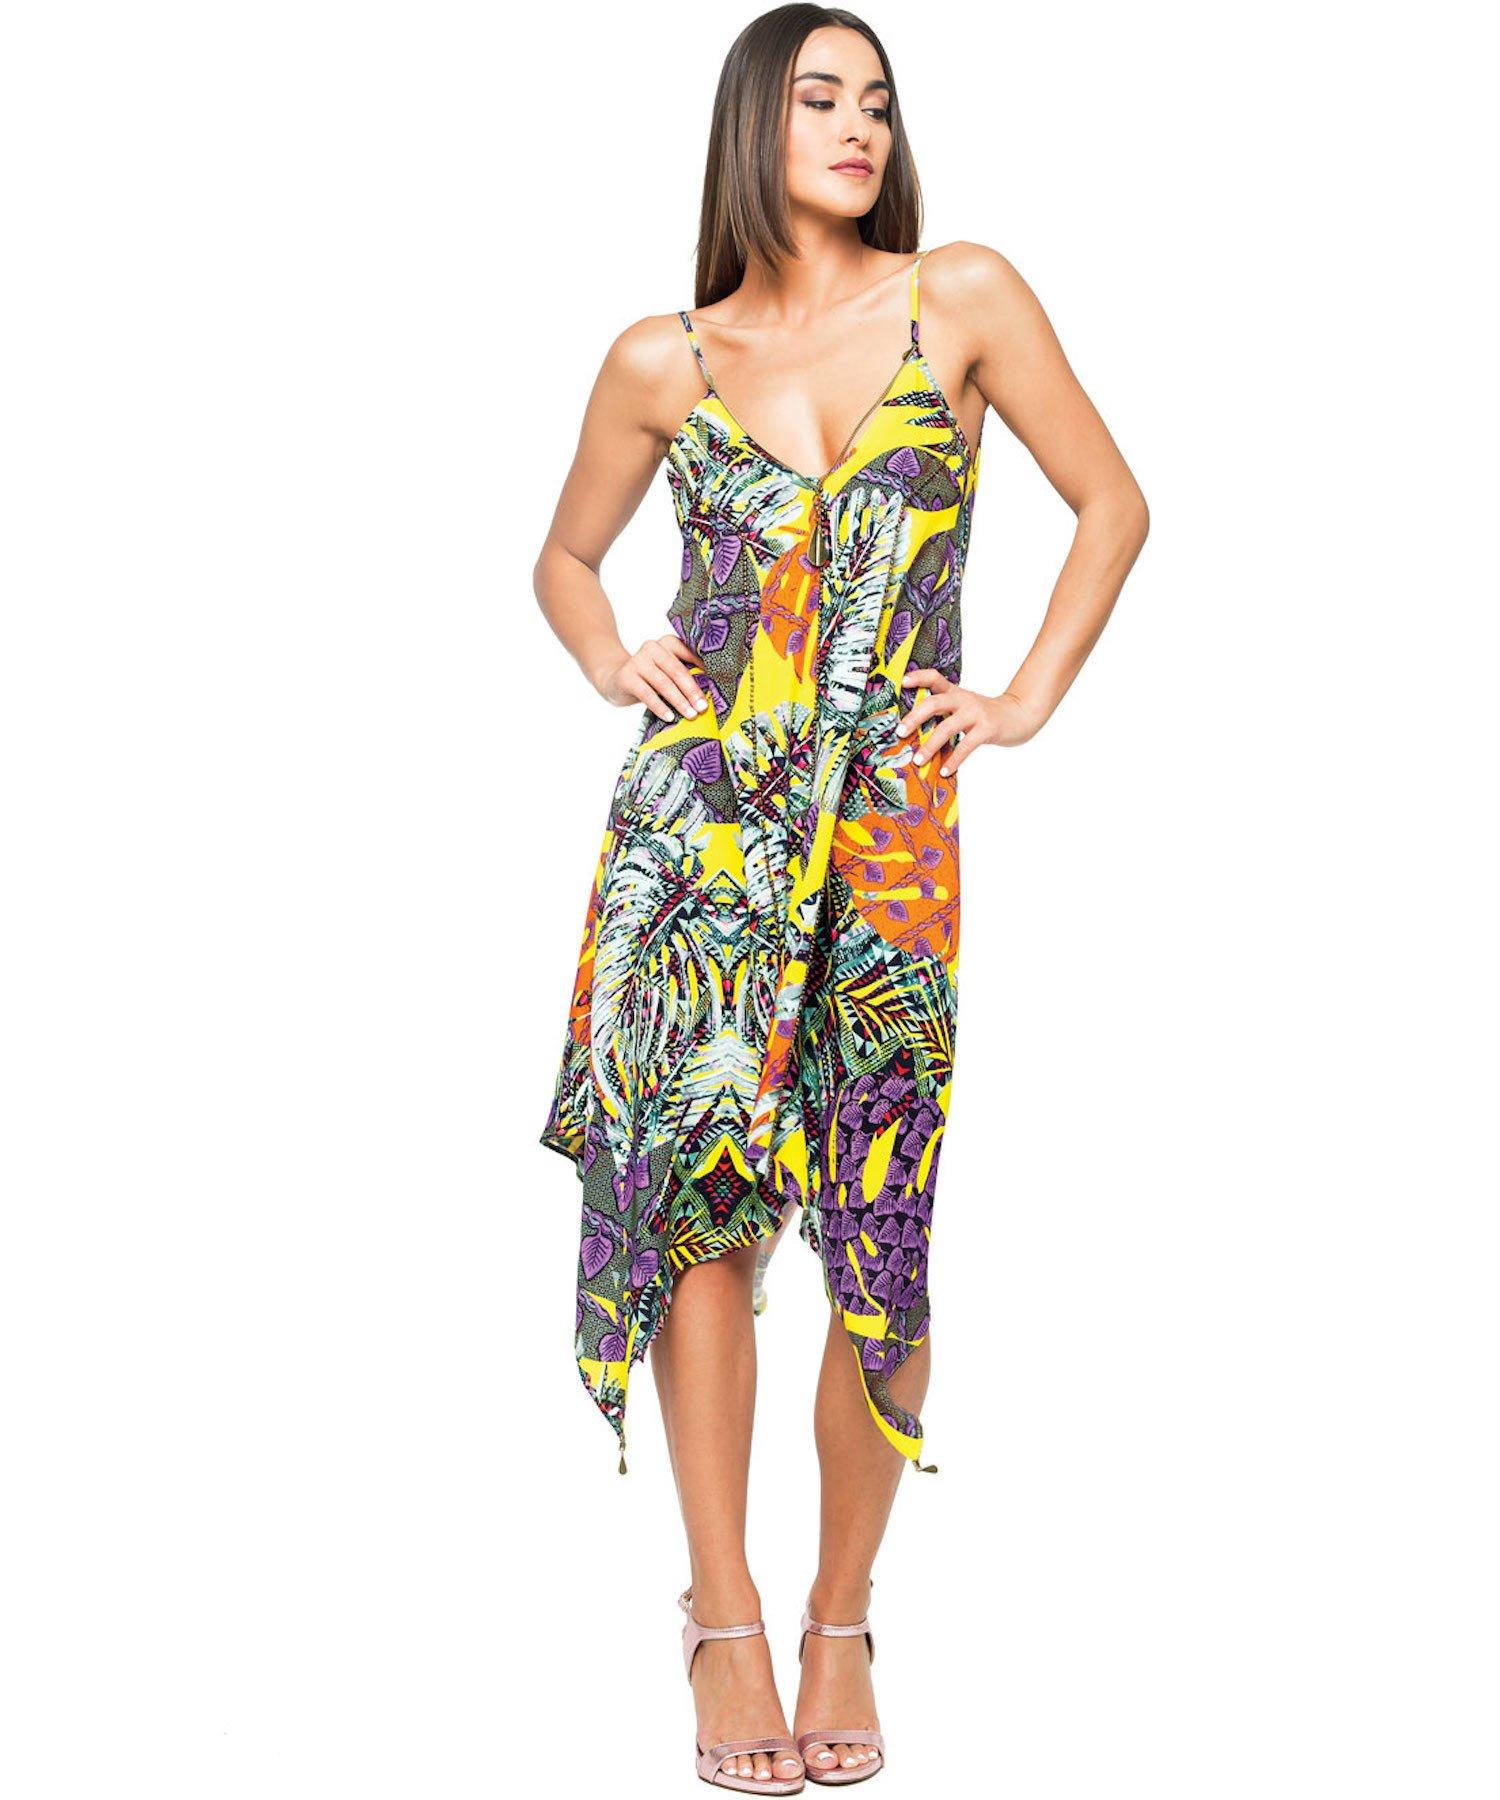 FOGLIE SHORT DRESS 3709 - Foglie Giallo